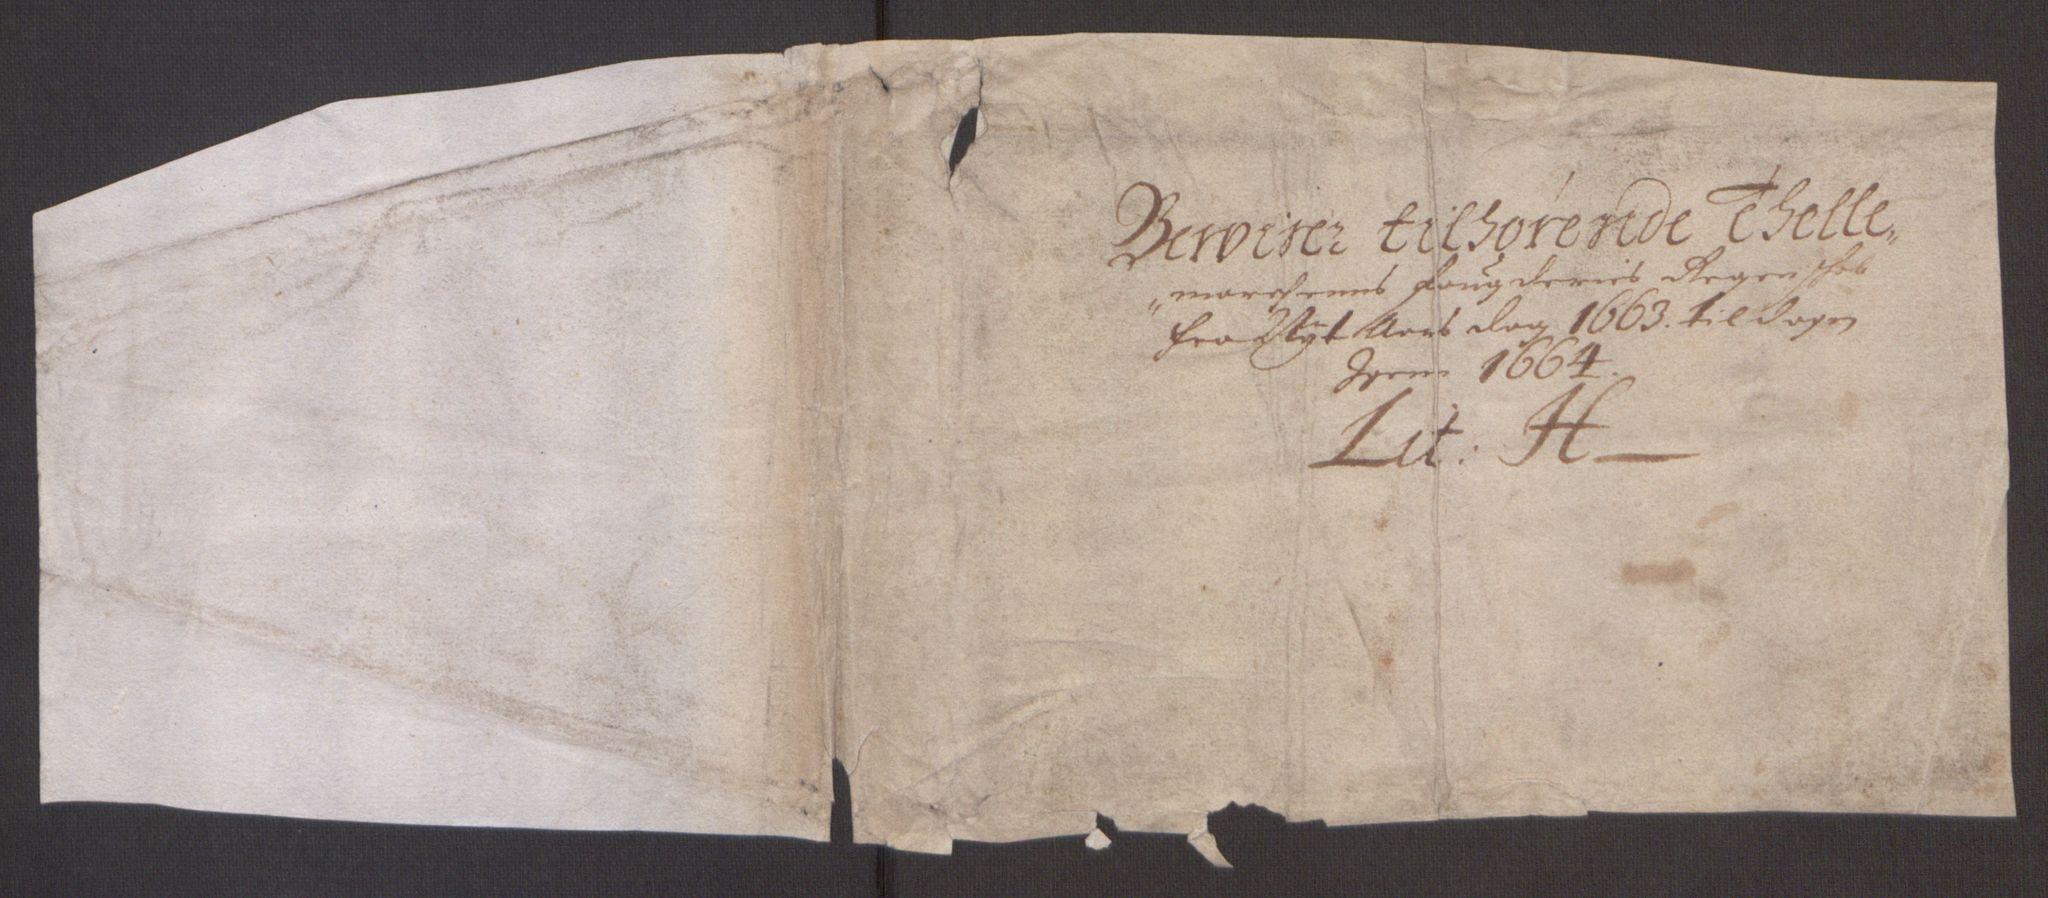 RA, Rentekammeret inntil 1814, Reviderte regnskaper, Fogderegnskap, R35/L2054: Fogderegnskap Øvre og Nedre Telemark, 1662-1663, s. 372